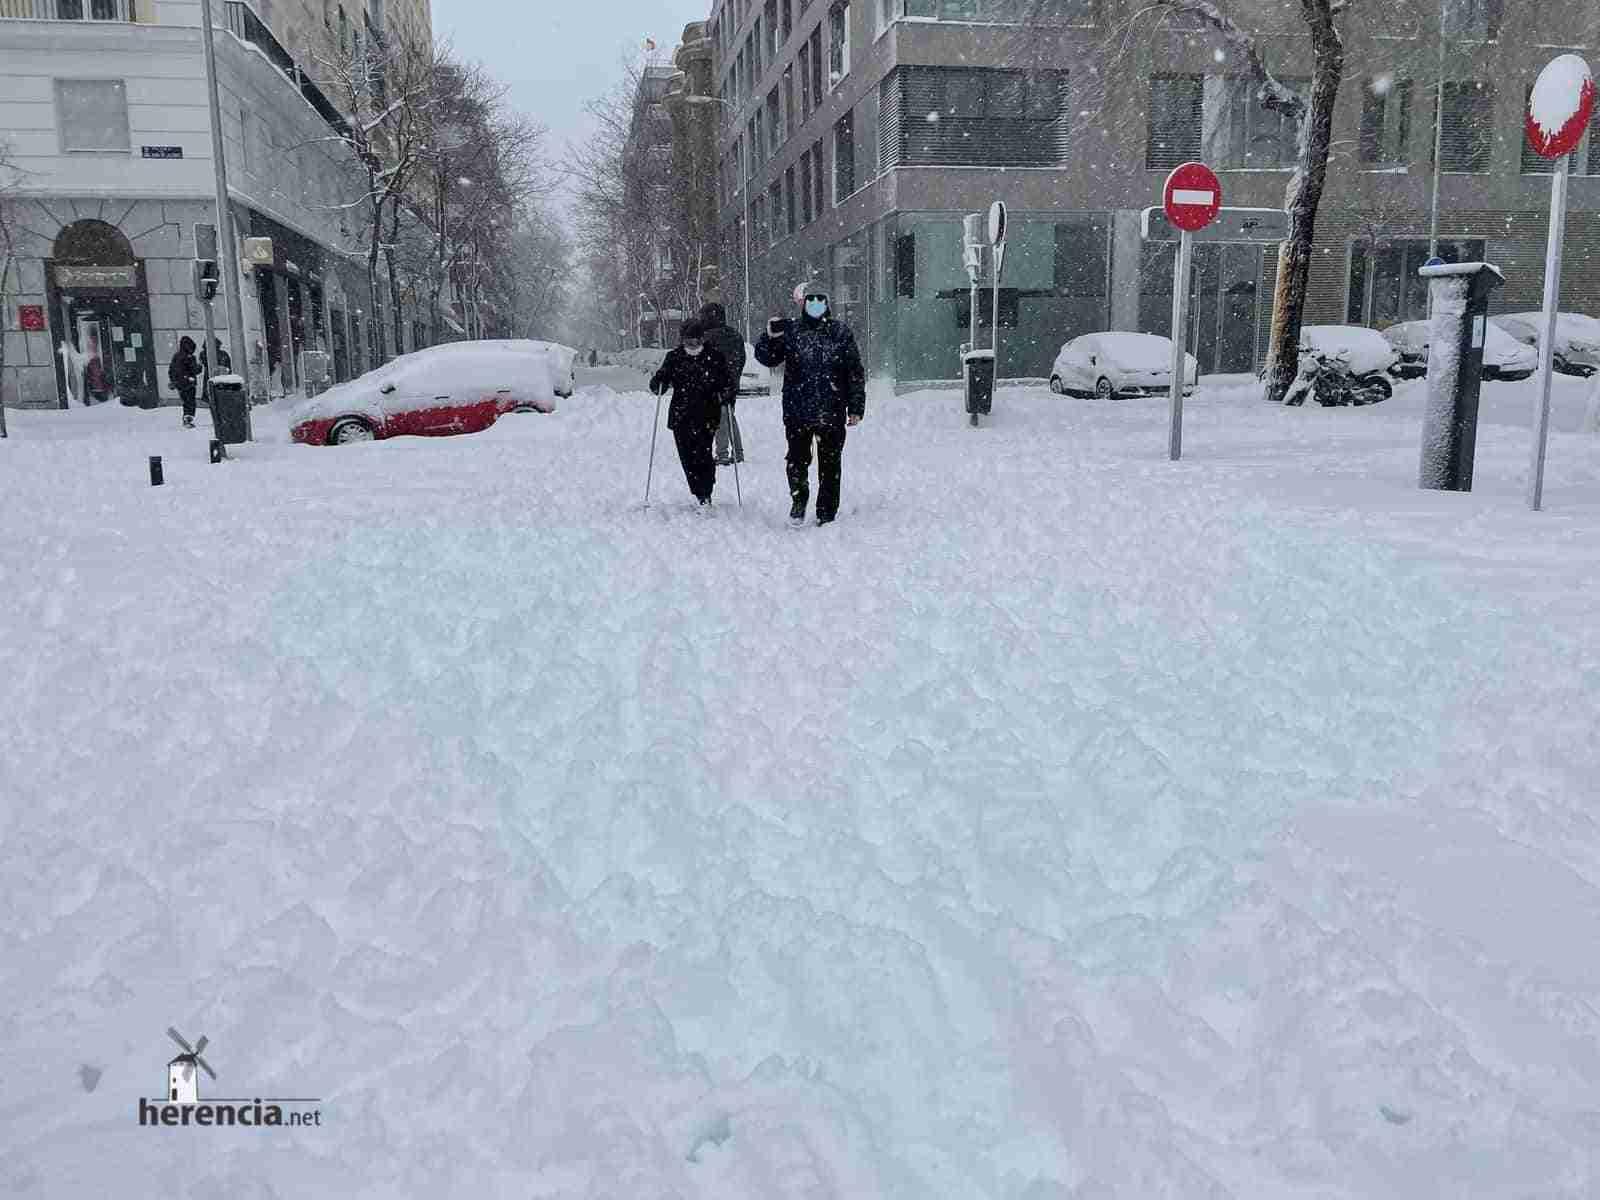 Fotografías de la nevada de enero en Madrid (España) 197